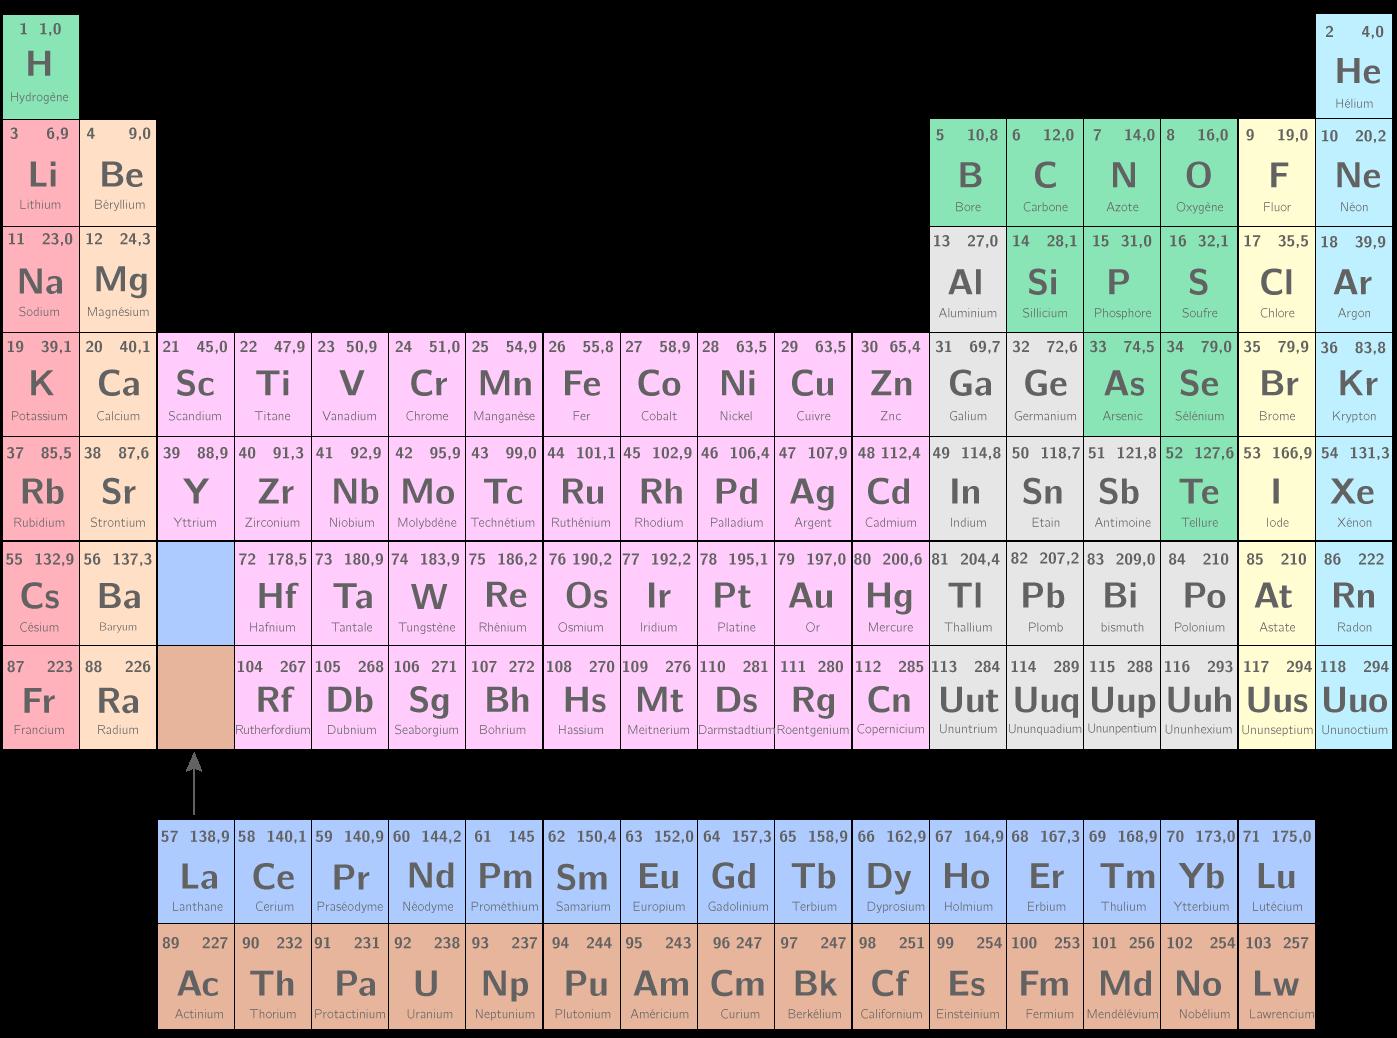 Elements chimique classification 2nde Physique